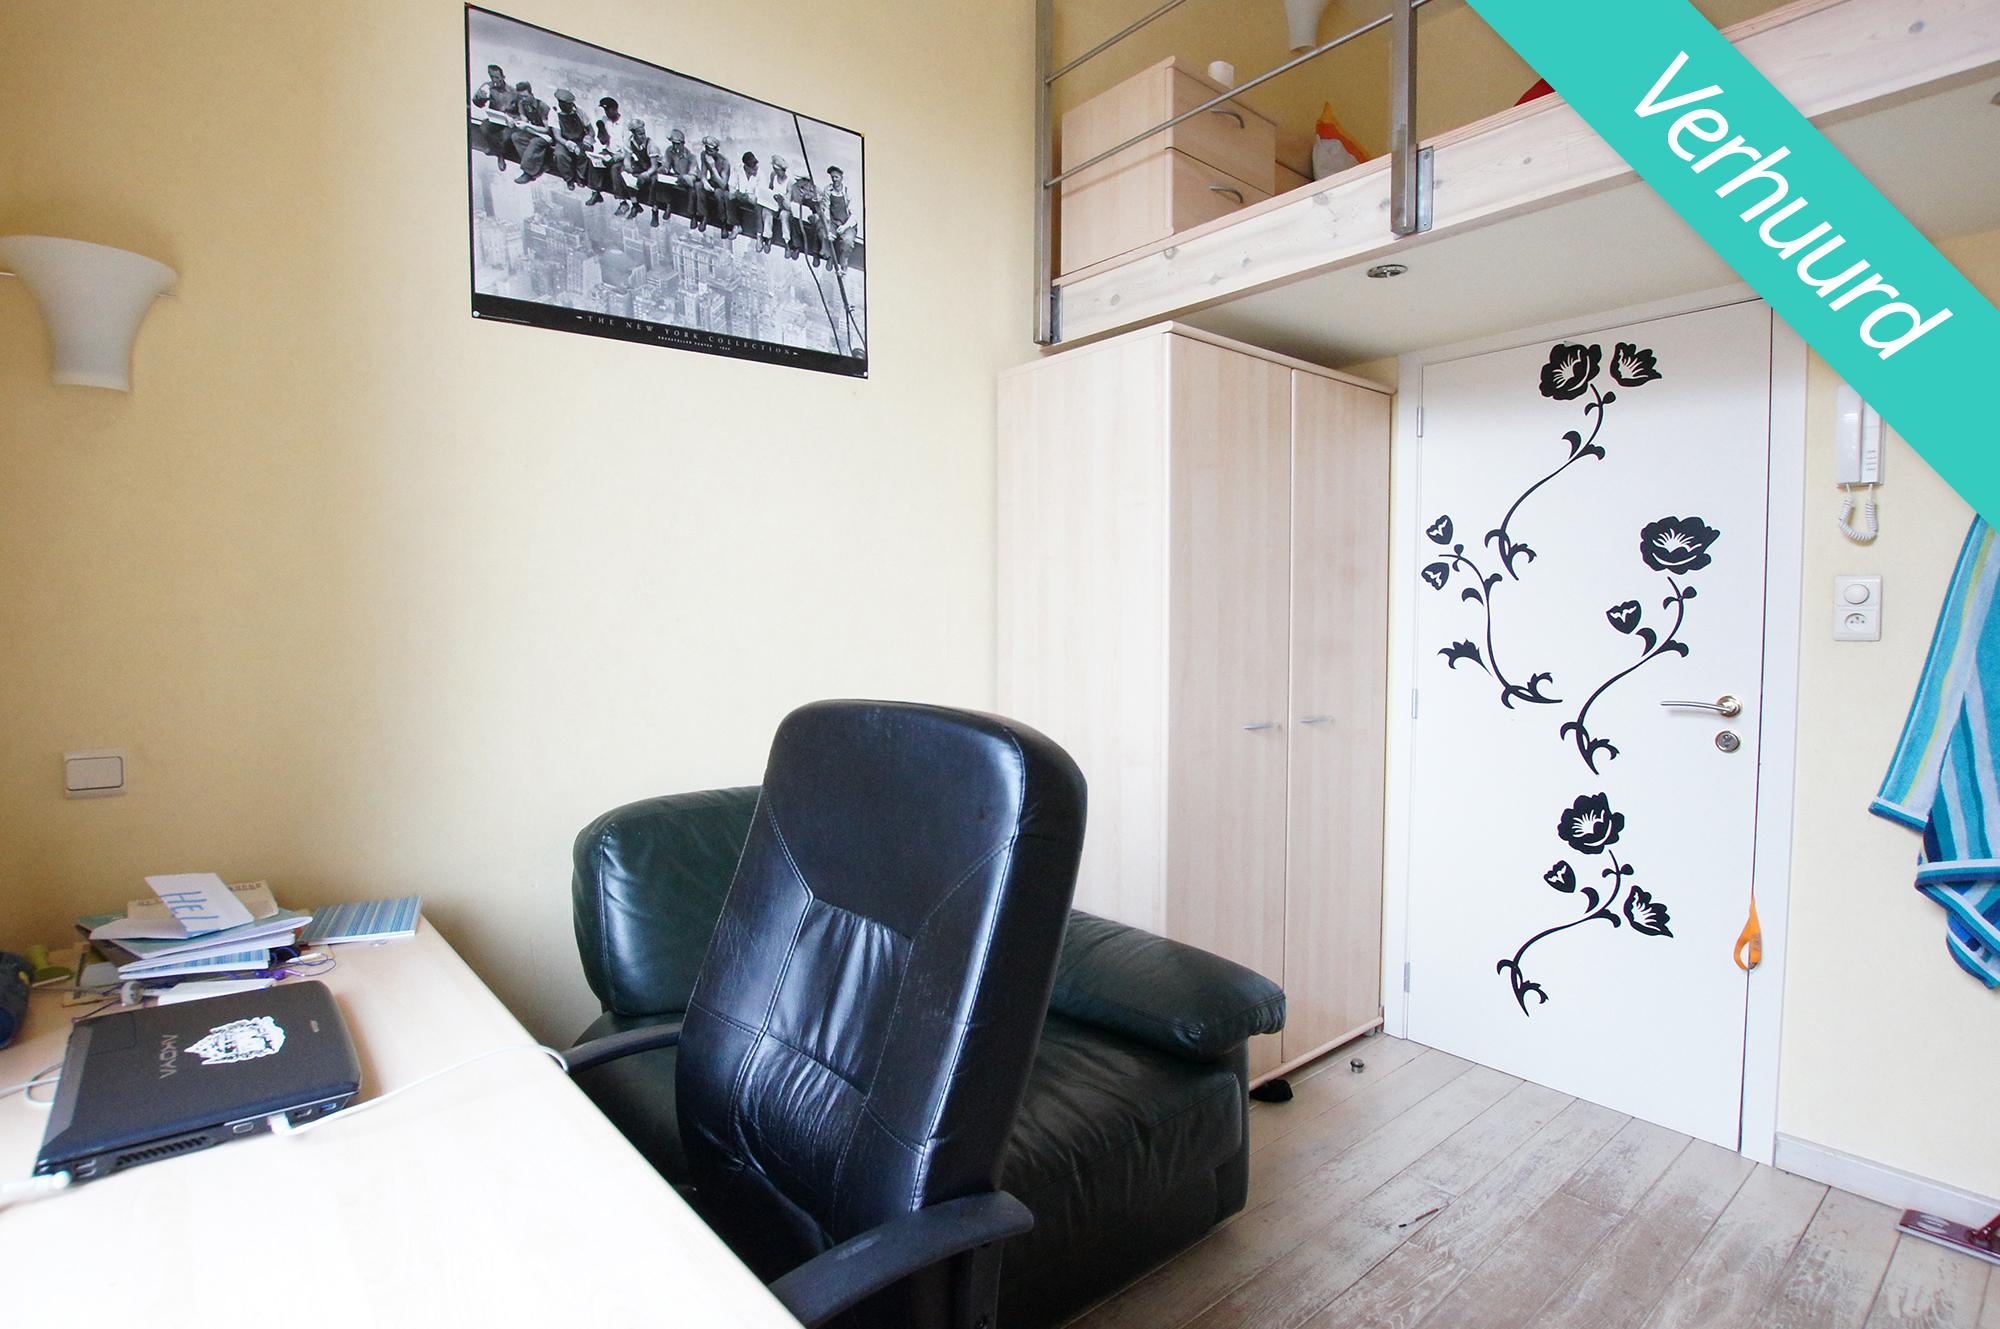 Kamer 6, Frederik Lintsstraat 52, foto 001 verhuurd